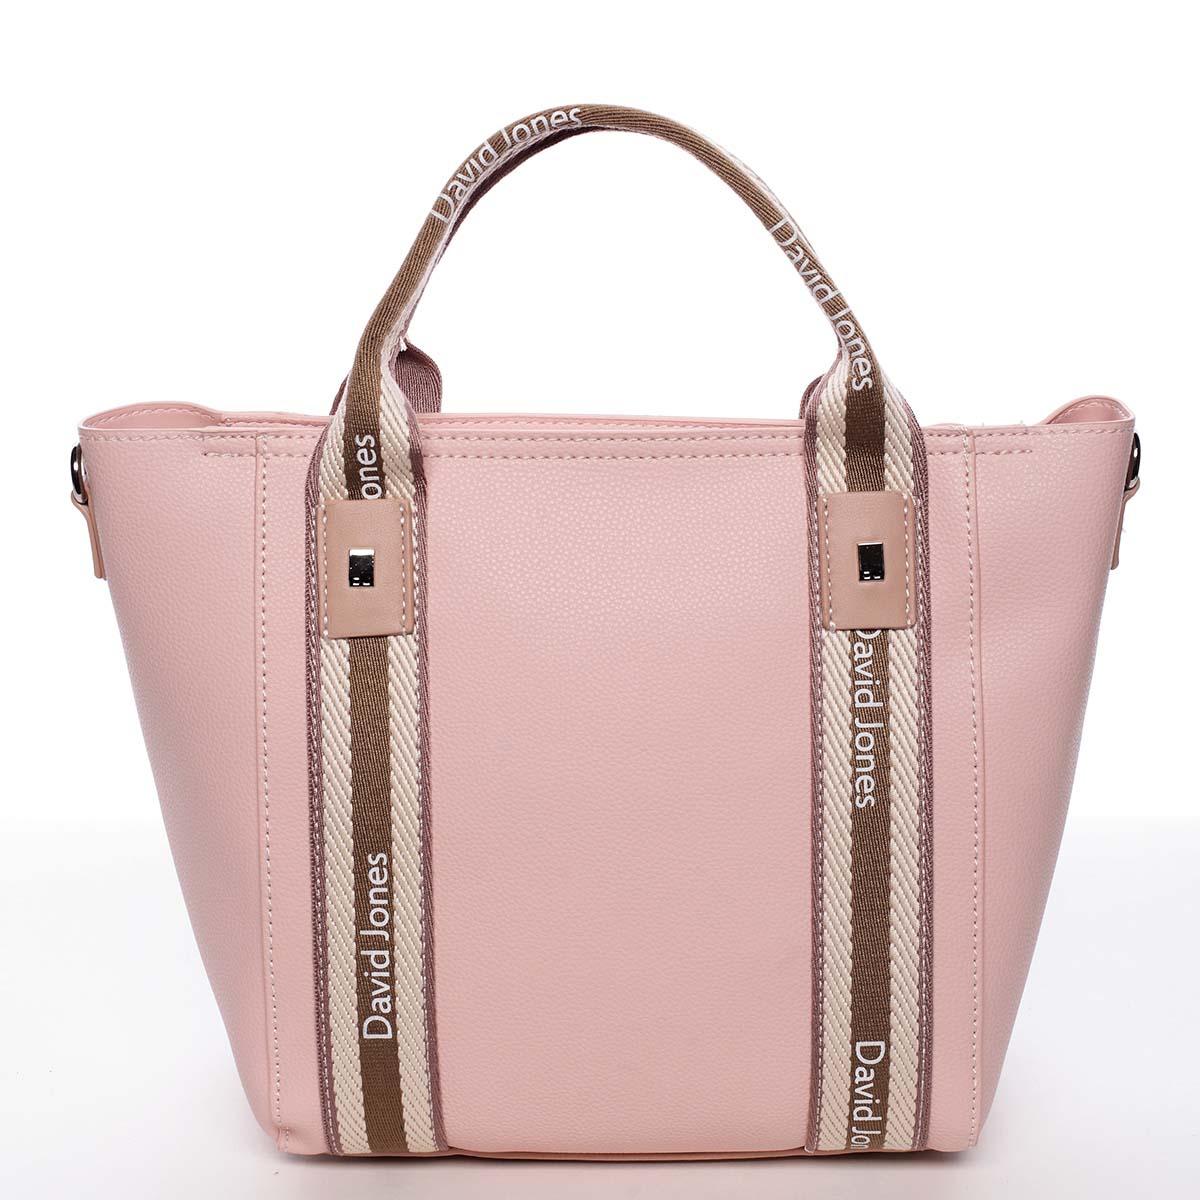 Moderná dámska ružová kabelka do ruky - David Jones Agna ružová